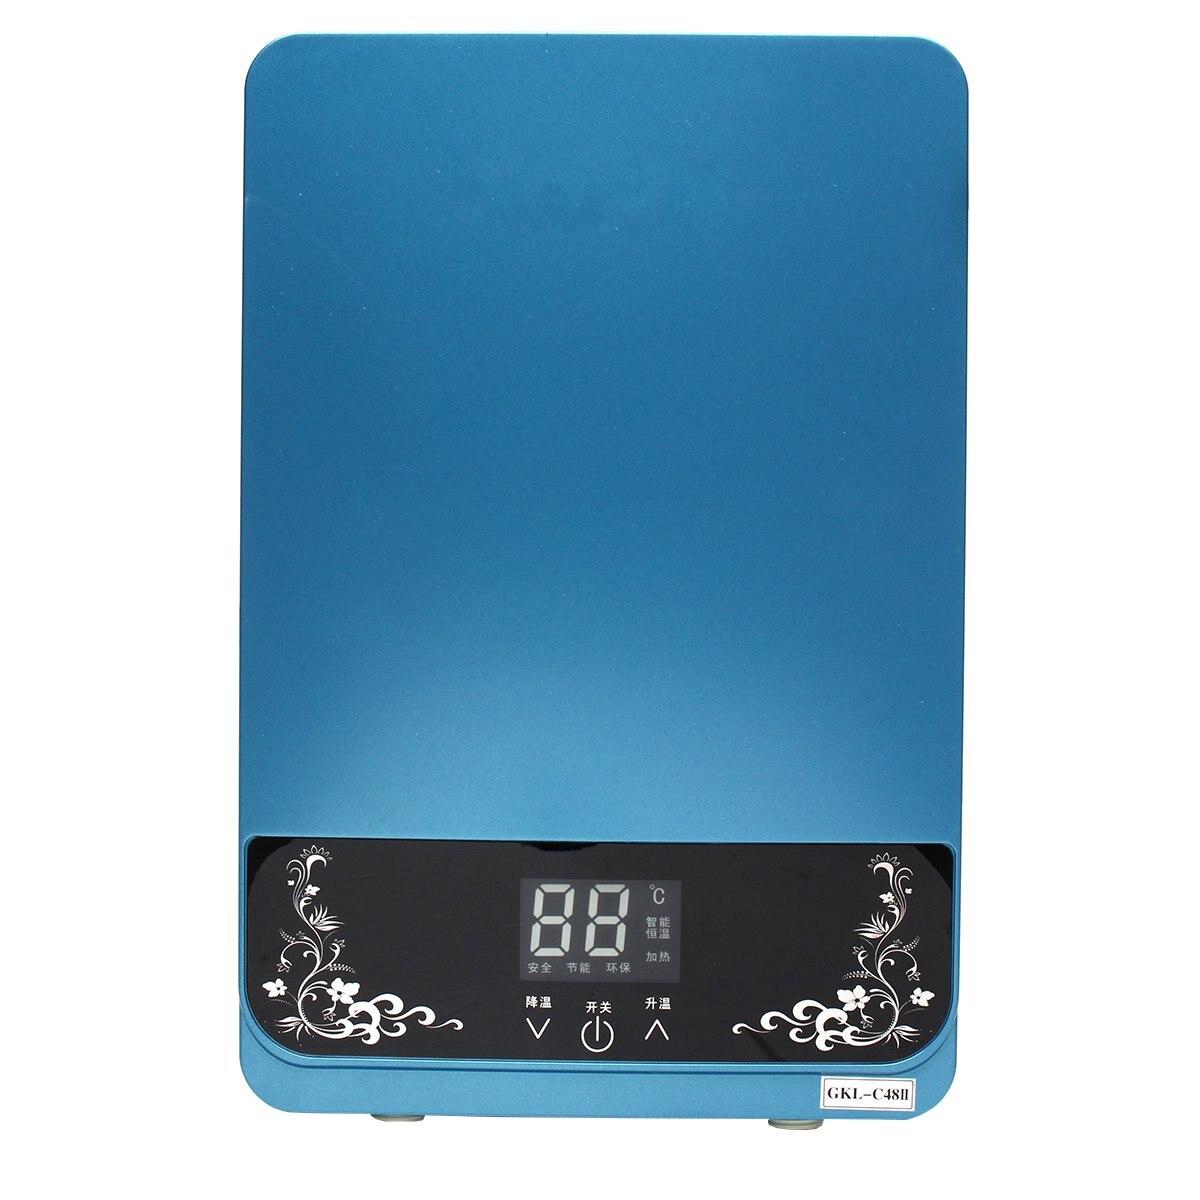 Calentador de agua eléctrico instantáneo 5500W calentador de agua eléctrico instantáneo ducha calentador de agua cocina baño calentador de agua - 6